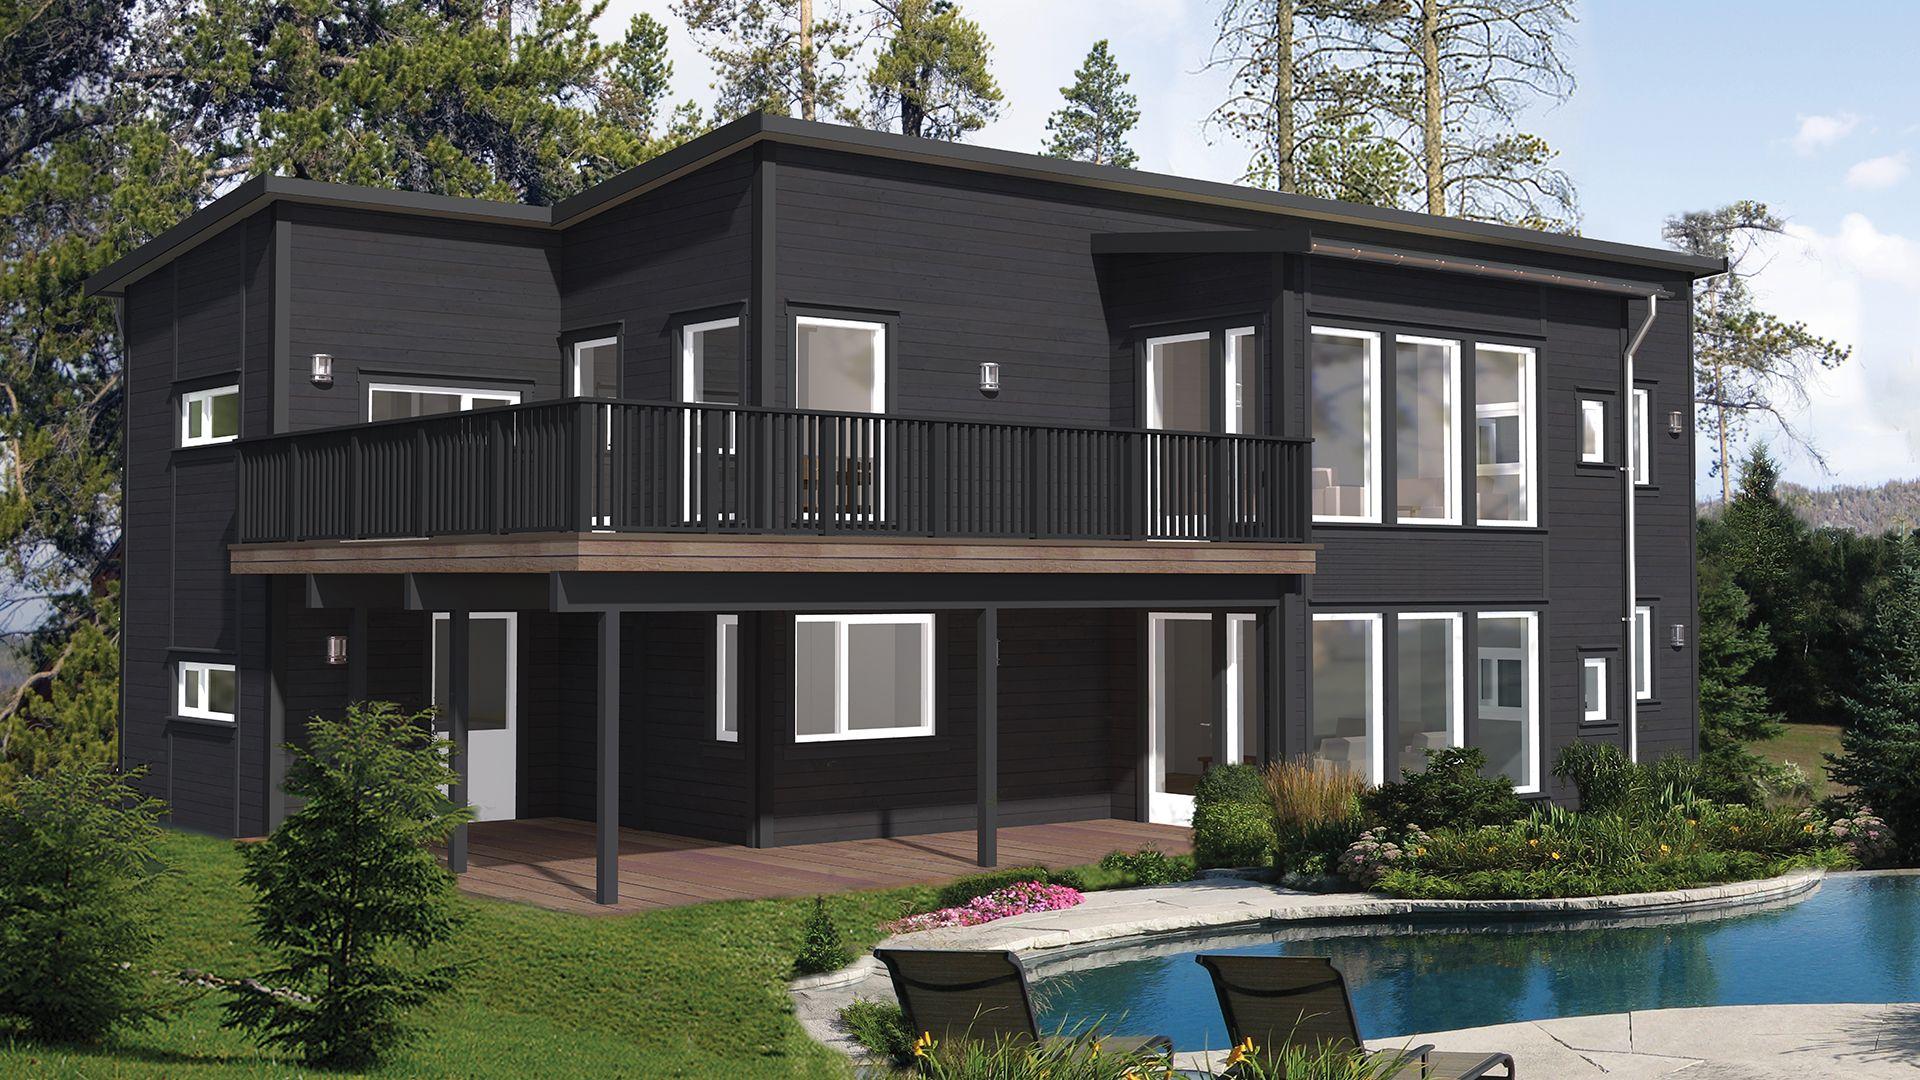 Aurora kjennetegnes av rene og stramme linjer. Dette er en bolig som imponerer med sin størrelse og sine interessante, særegne detaljer. De store vindusflatene og spennende vinklene gjør huset til noe helt eget.  2.etasje får en åpen løsning med en stor og nydelig veranda som følger deg helt fra stuen til det romslige kjøkkenet.